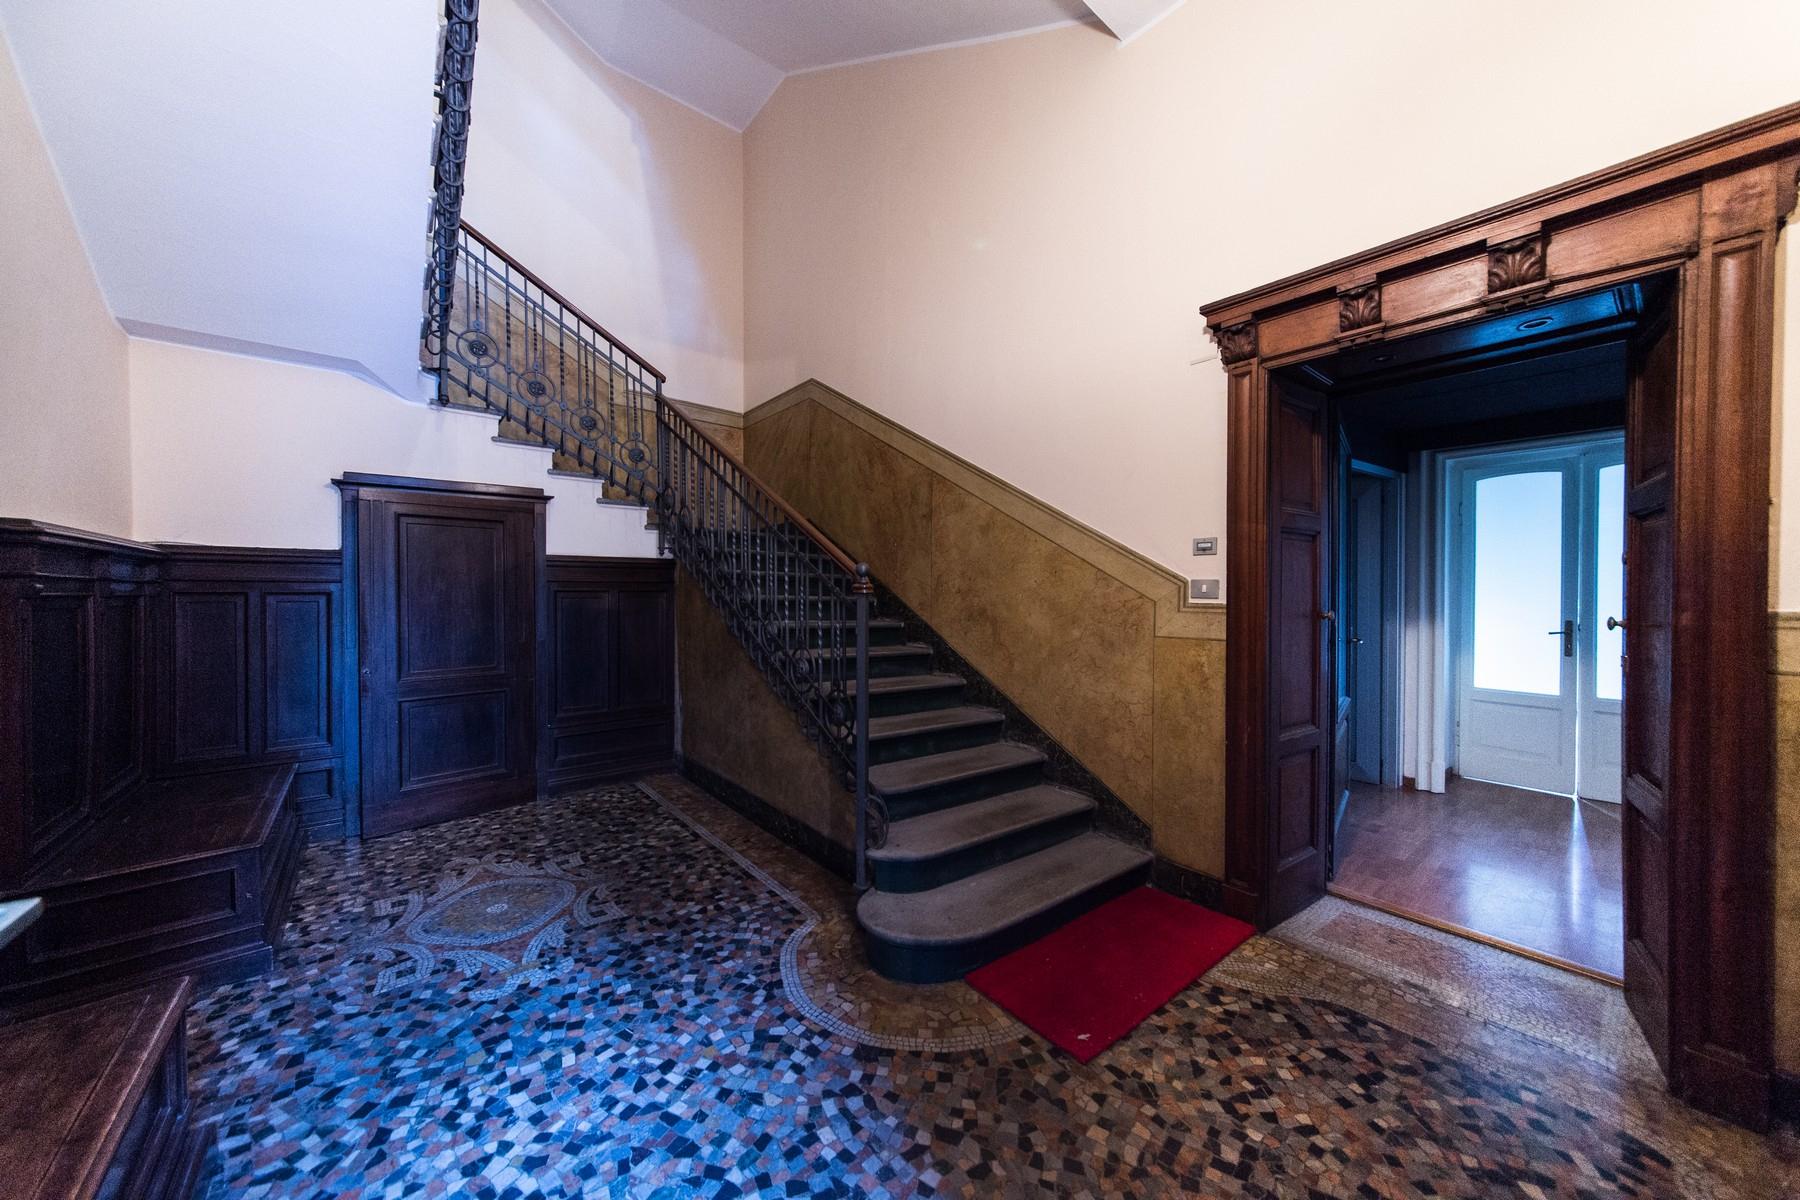 Ufficio-studio in Vendita a Como: 0 locali, 230 mq - Foto 12